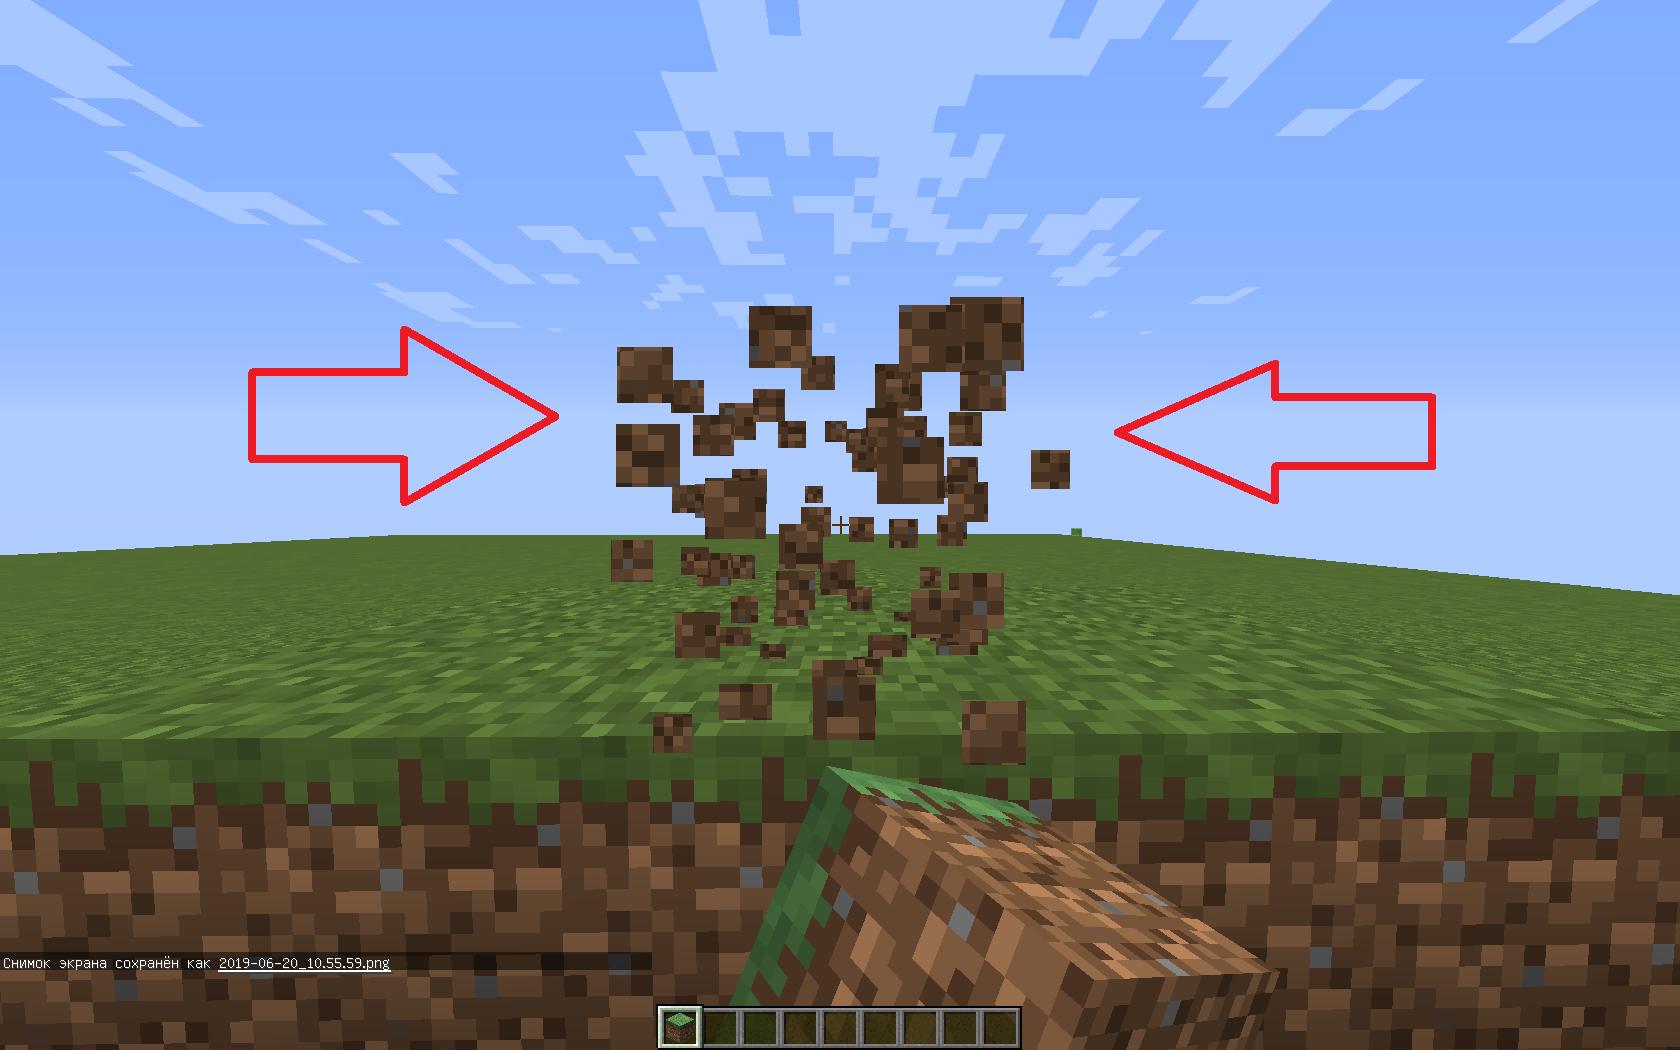 мод на майнкрафт 1.7.10 на бистре розрушения блоков #7